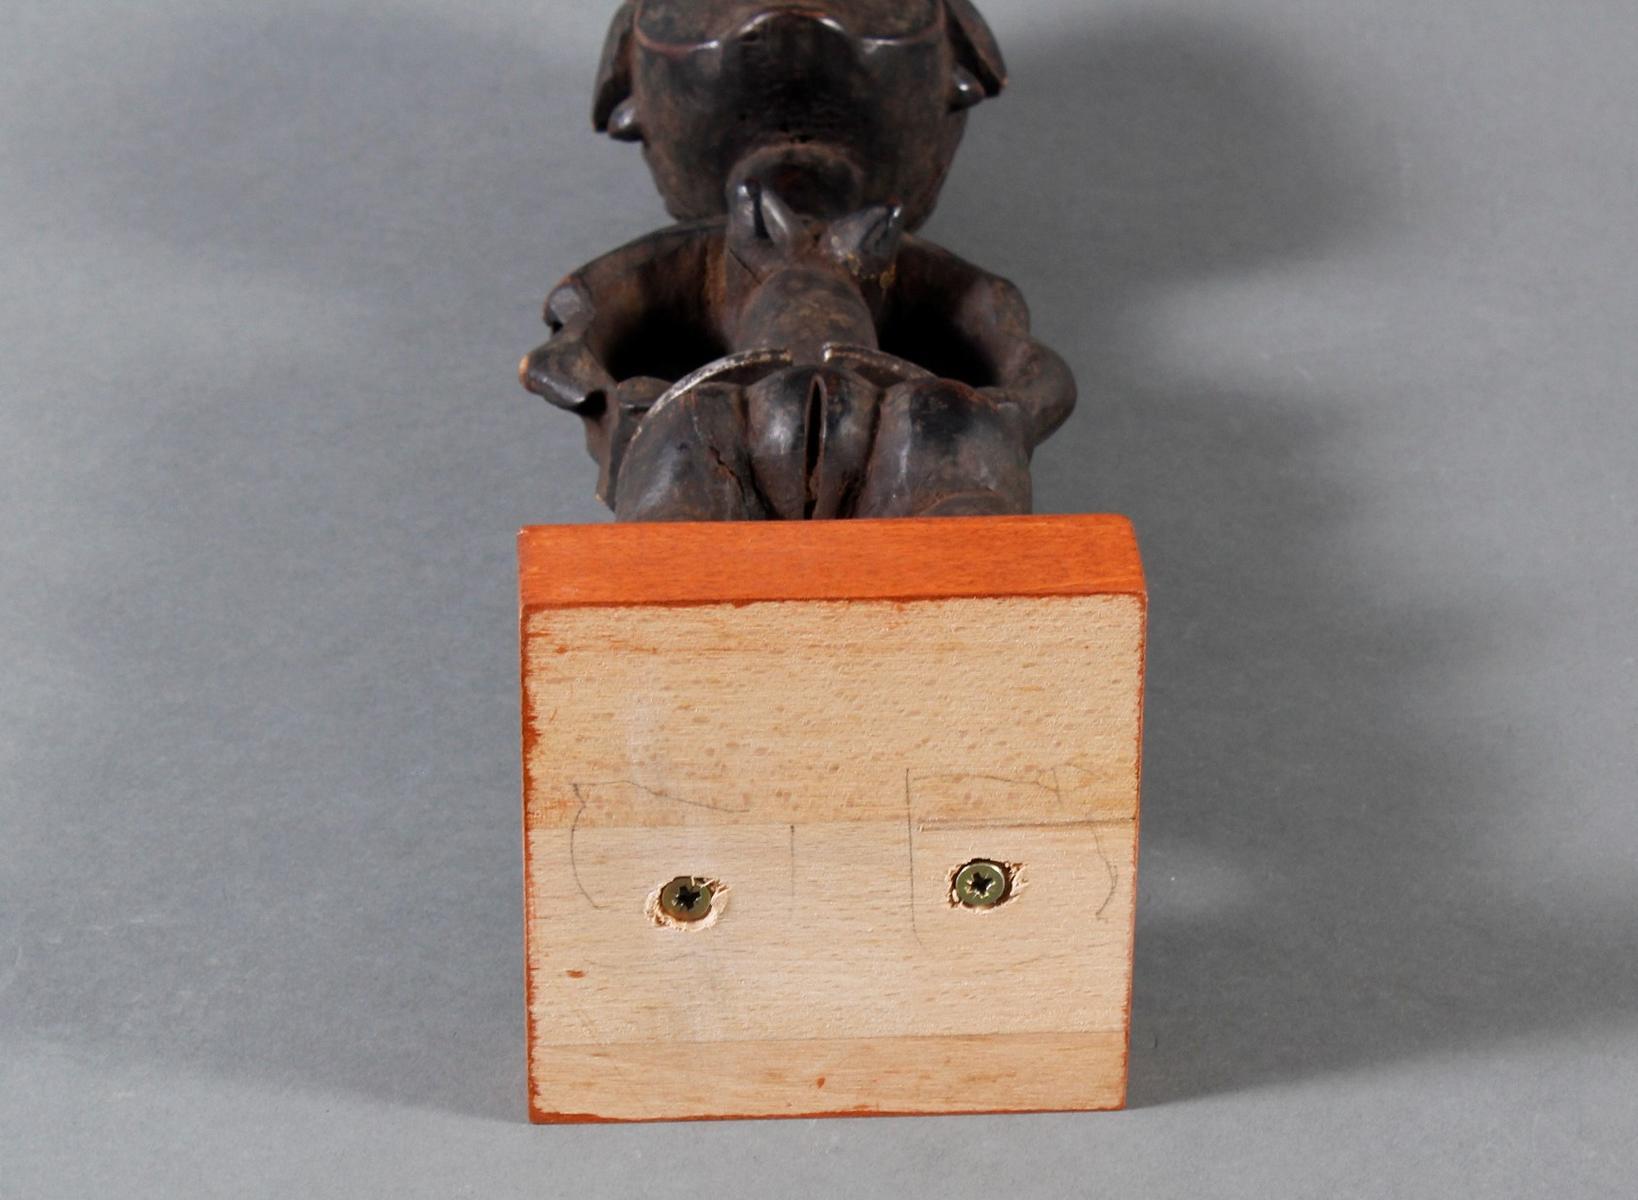 Seltene weibliche Ahnenskulpur der Azande, DR Kongo-6